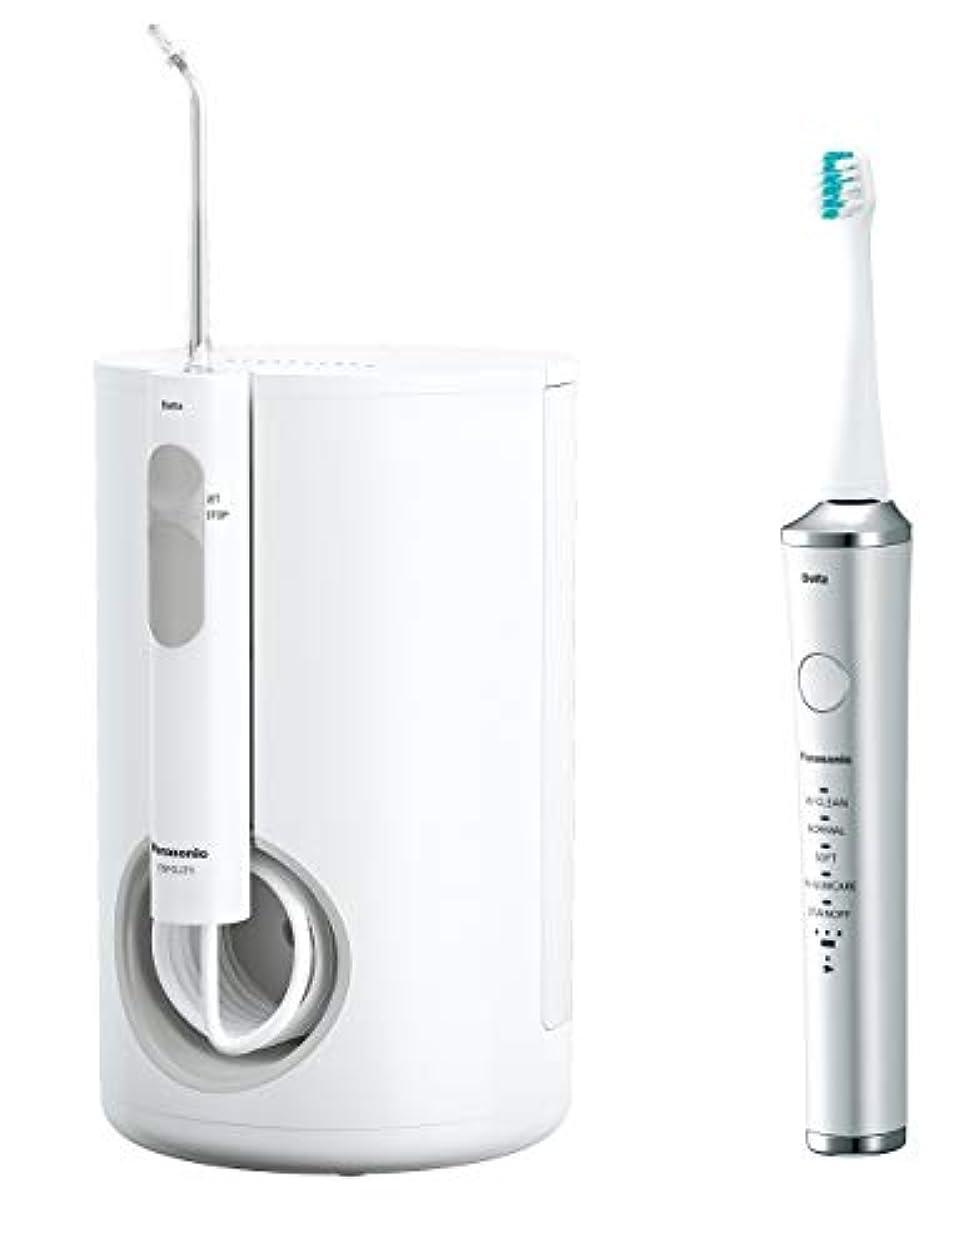 アウトドア診療所注目すべきパナソニック 口腔洗浄器 ジェットウォッシャー ドルツ 白 EW-DJ71-W + 電動歯ブラシ ドルツ セット